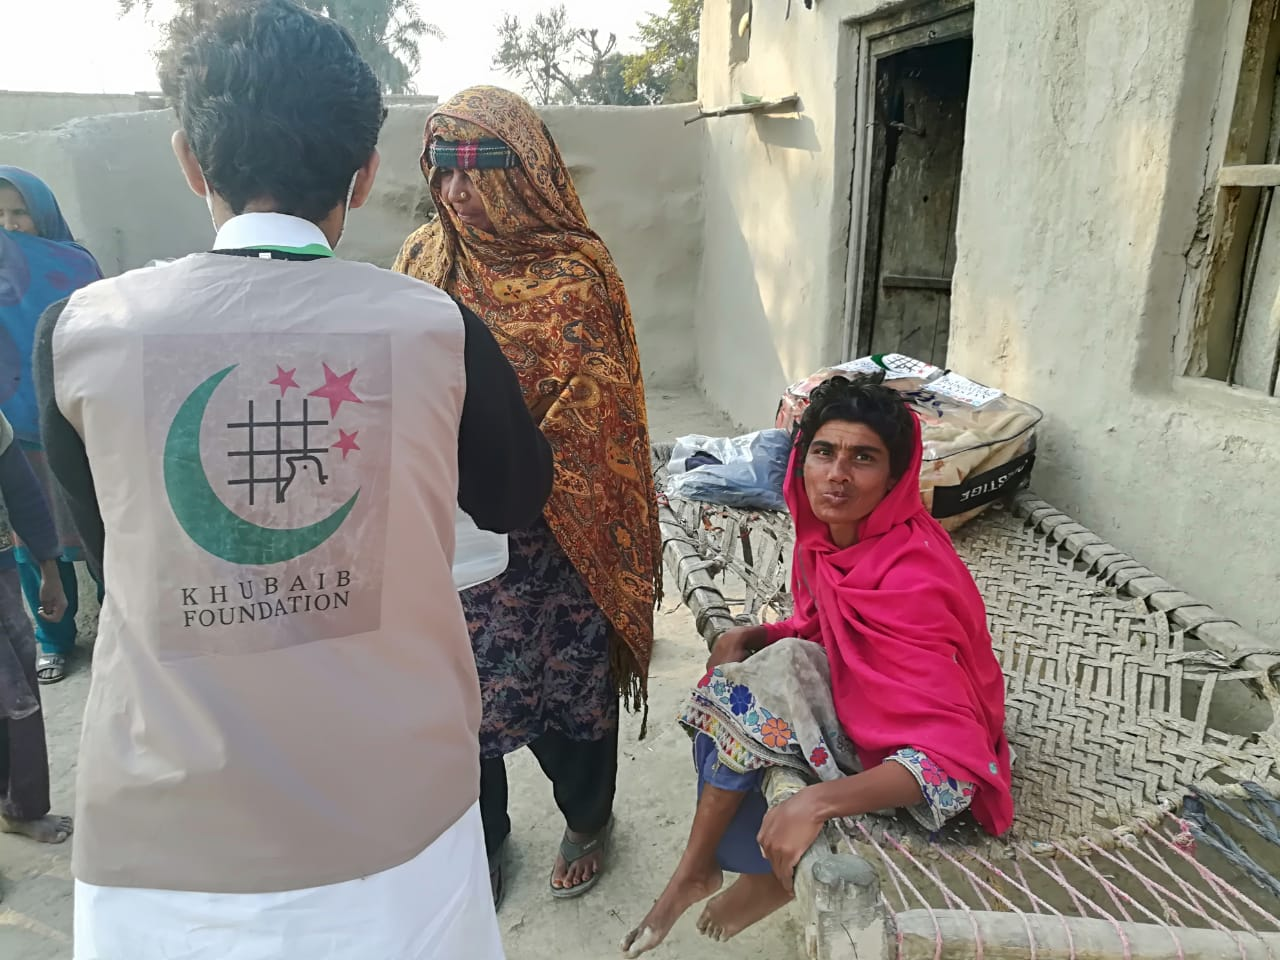 فاؤنڈیشن کراچی کی جانب سے معذور افراد میں گرم کپڑے , کمبل و دیگر سامان تقسیم